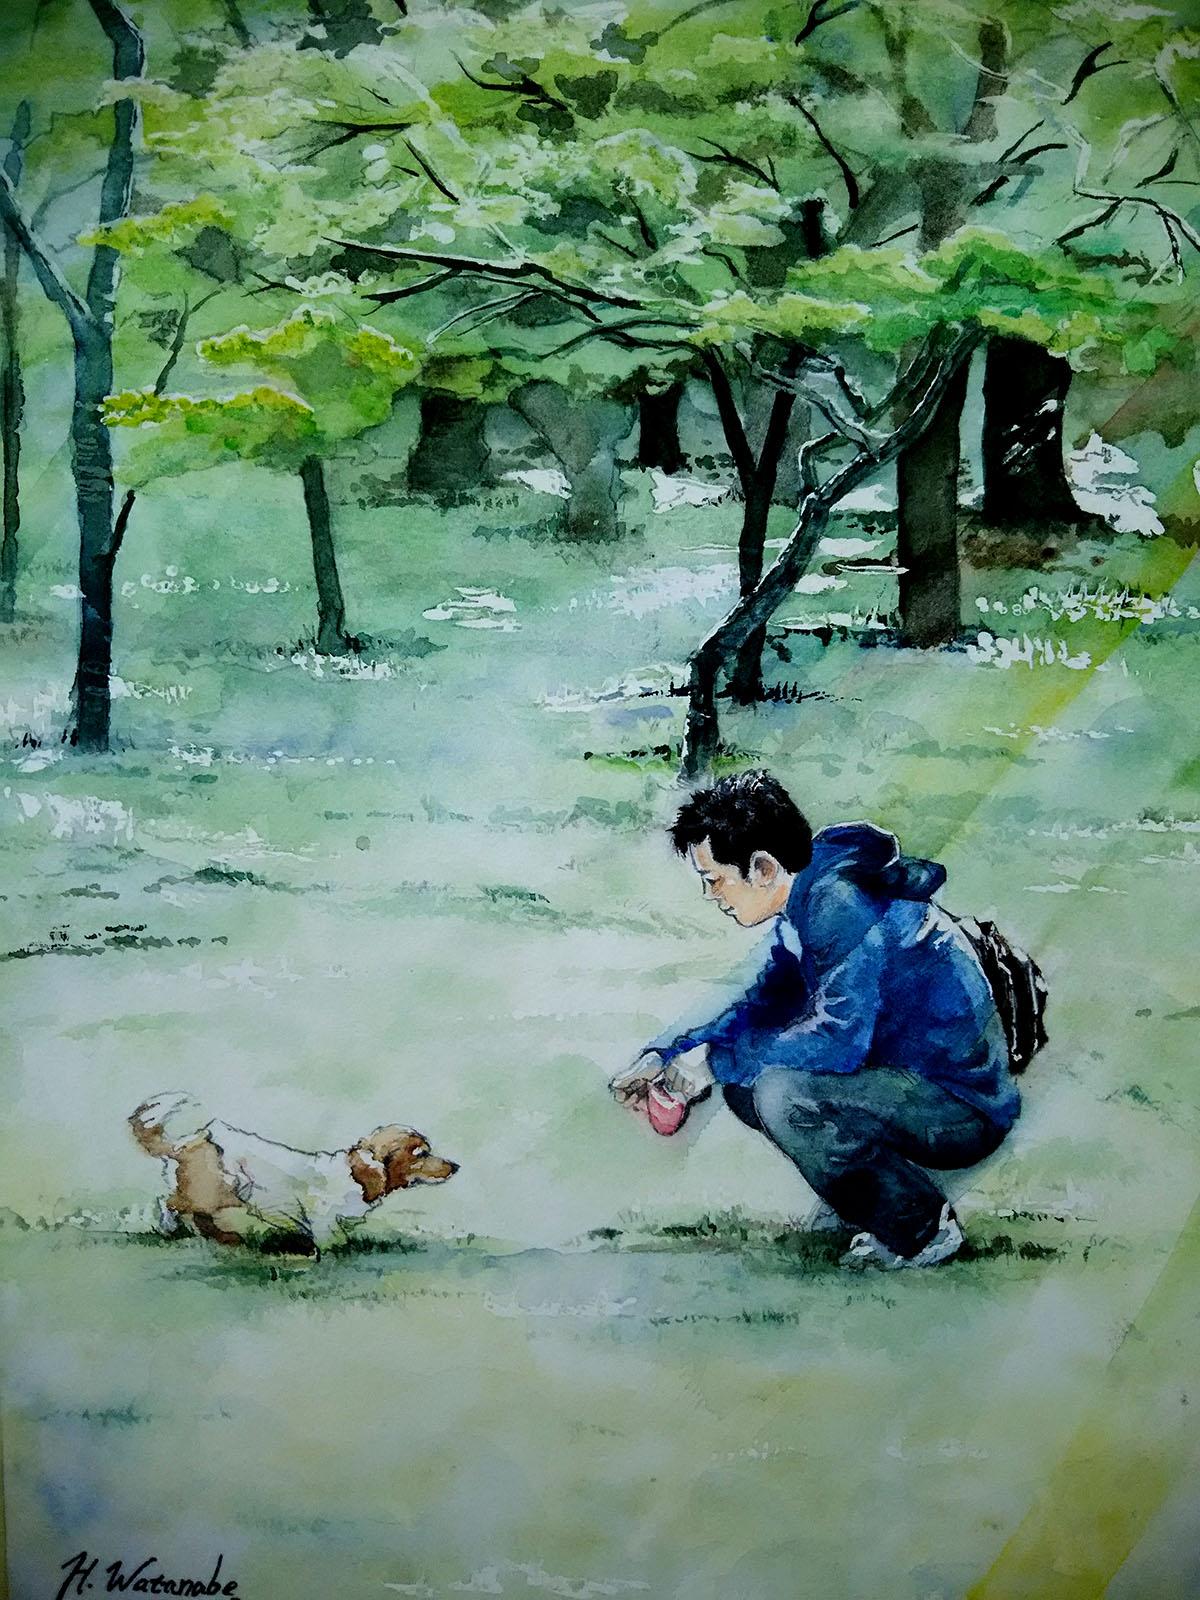 愛犬イヴちゃん(ダックスフンド)と飼い主様の水彩画